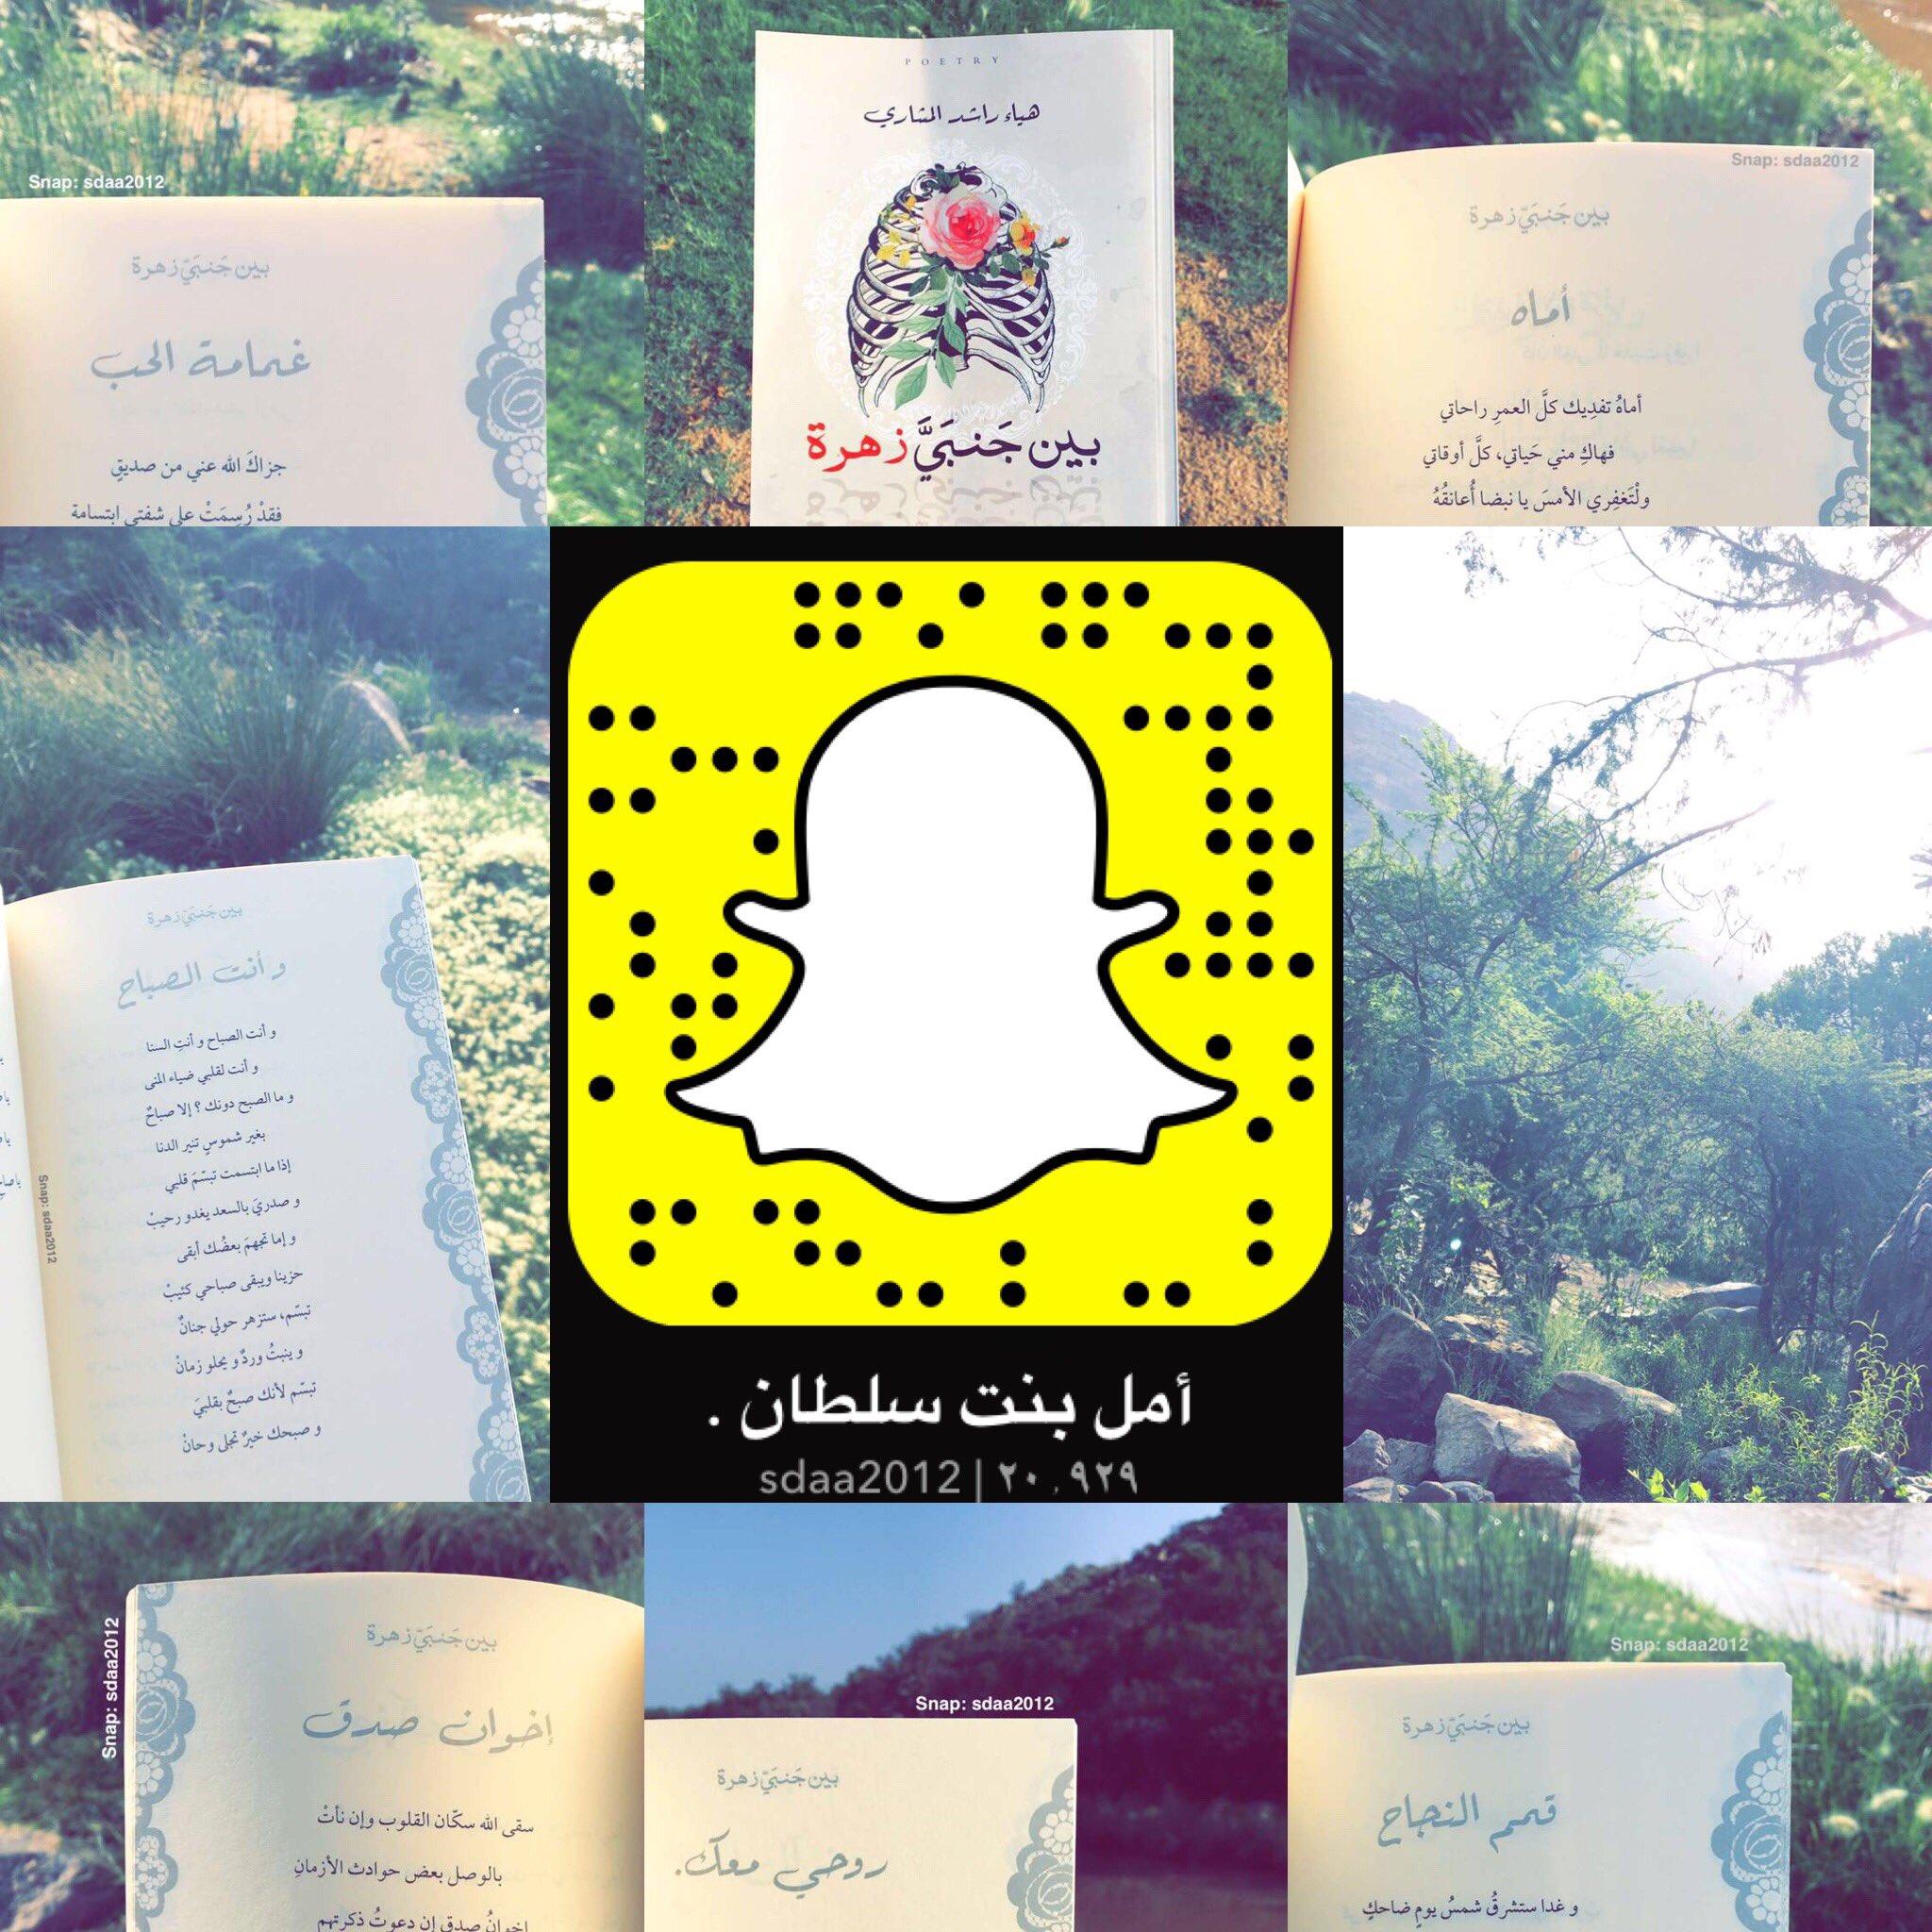 أمل بنت سلطان On Twitter سنابي اليوم و اقتباسات من كتاب بين جنبي زهرة لـ Hayasg123